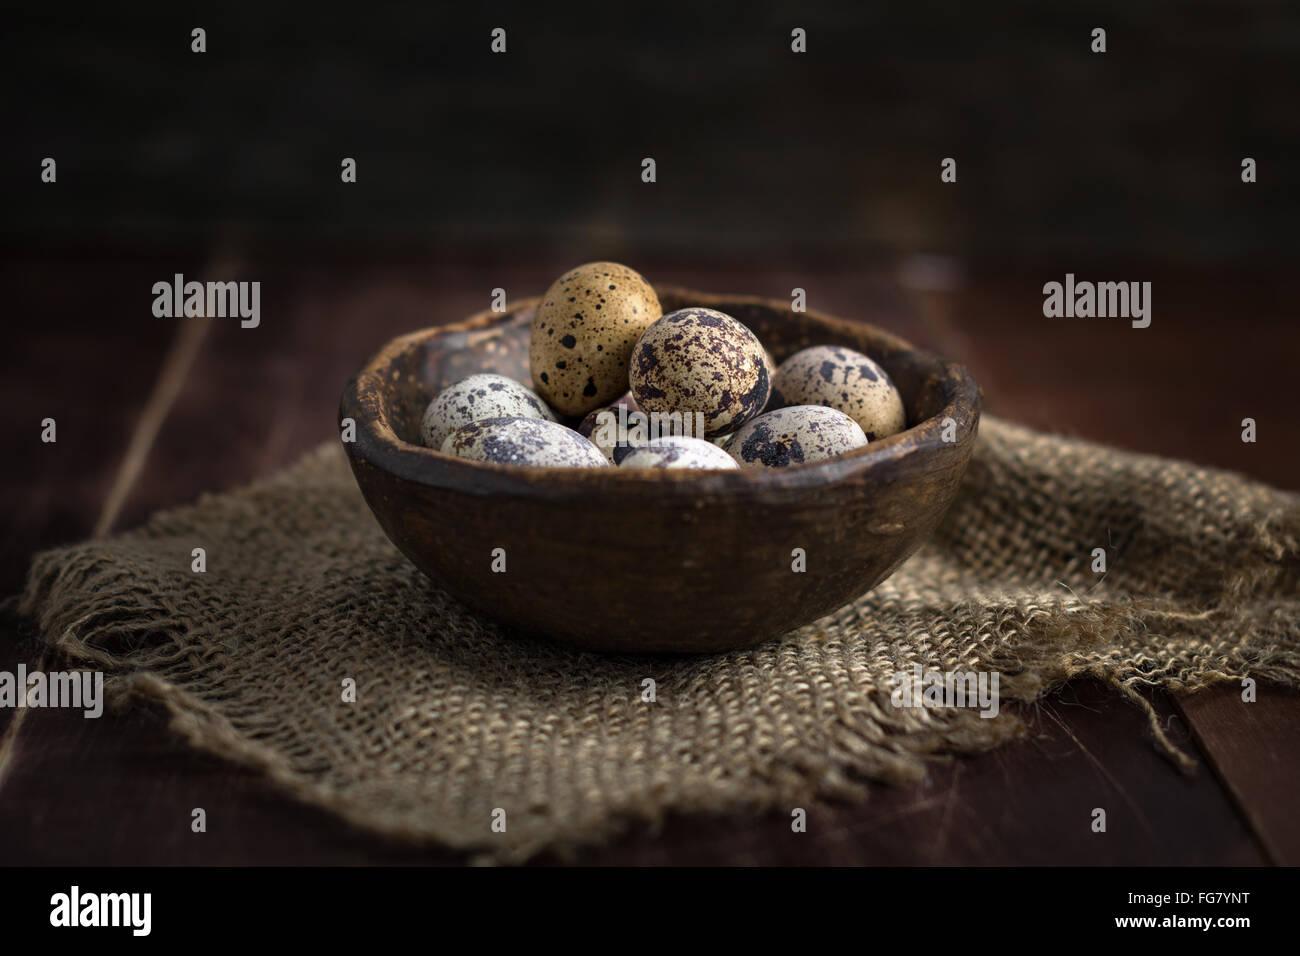 Organico fresco uova di quaglia in vaso di ceramica sulla biancheria rag. Luce naturale, il fuoco selettivo Immagini Stock